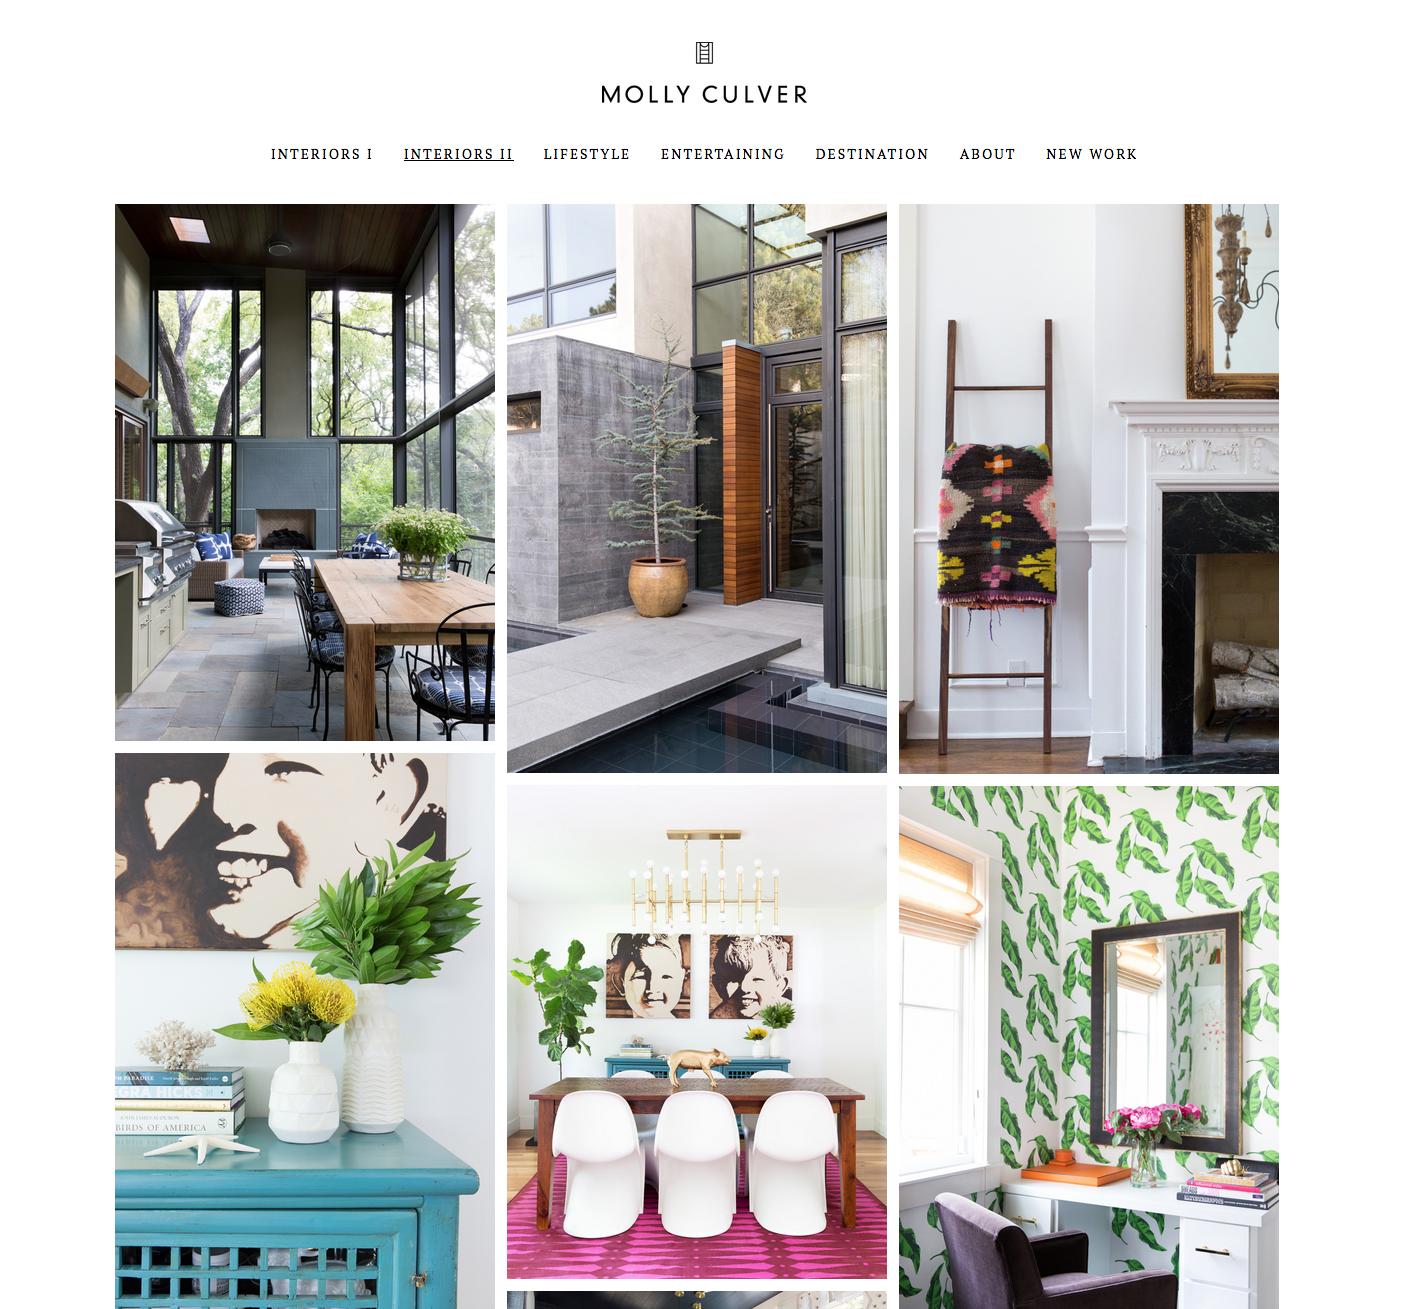 Molly Culver Website Interiors II Gallery